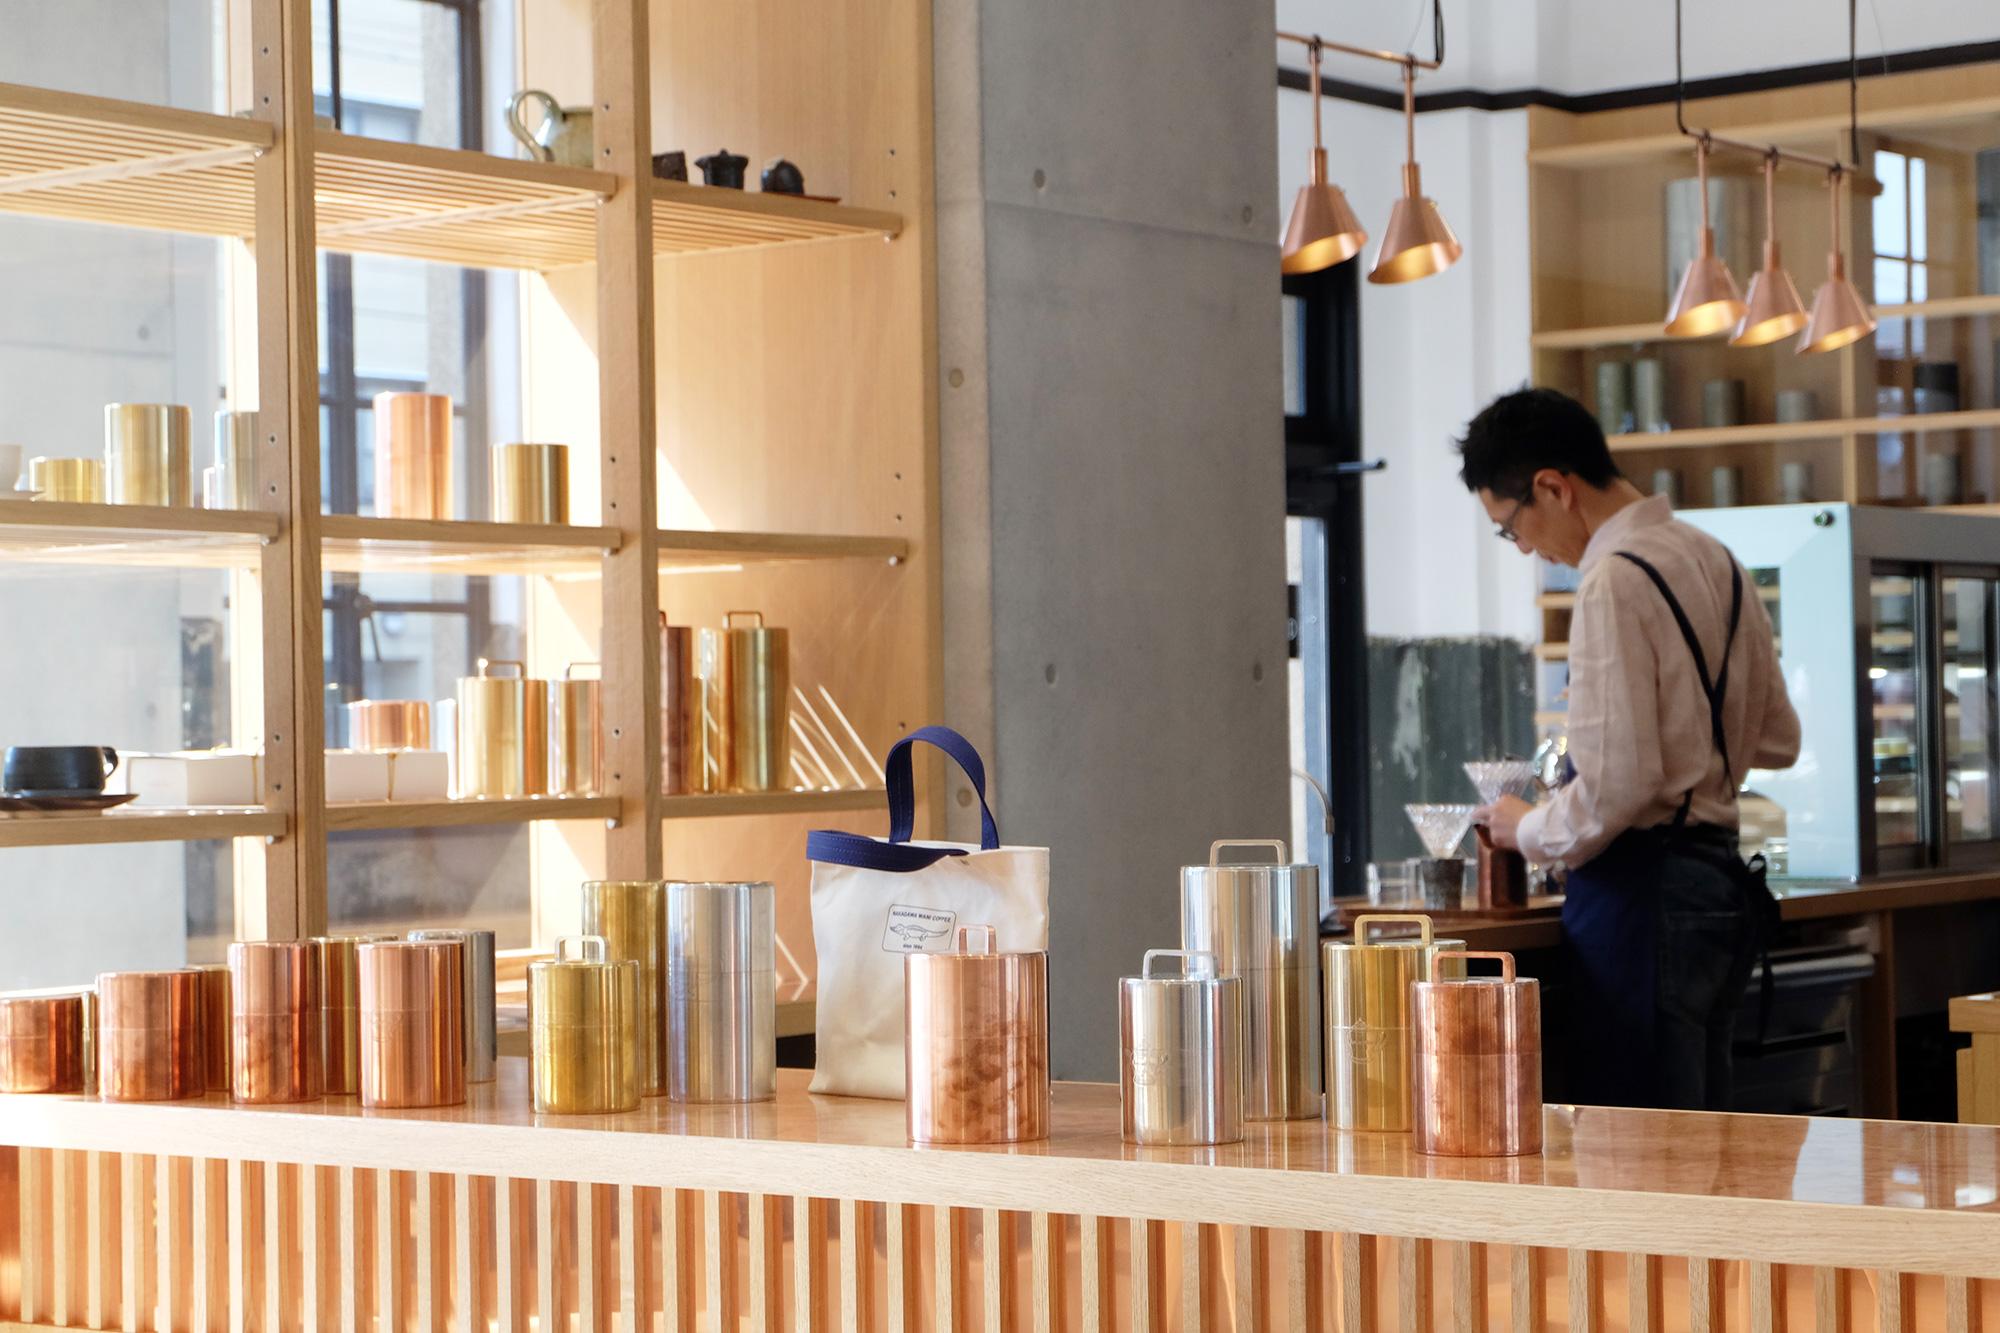 【京都】何度でも行きたいおすすめカフェ・コーヒースタンド 茶筒の老舗・開化堂がオープンした「Kaikado cafe(開化堂カフェ)」